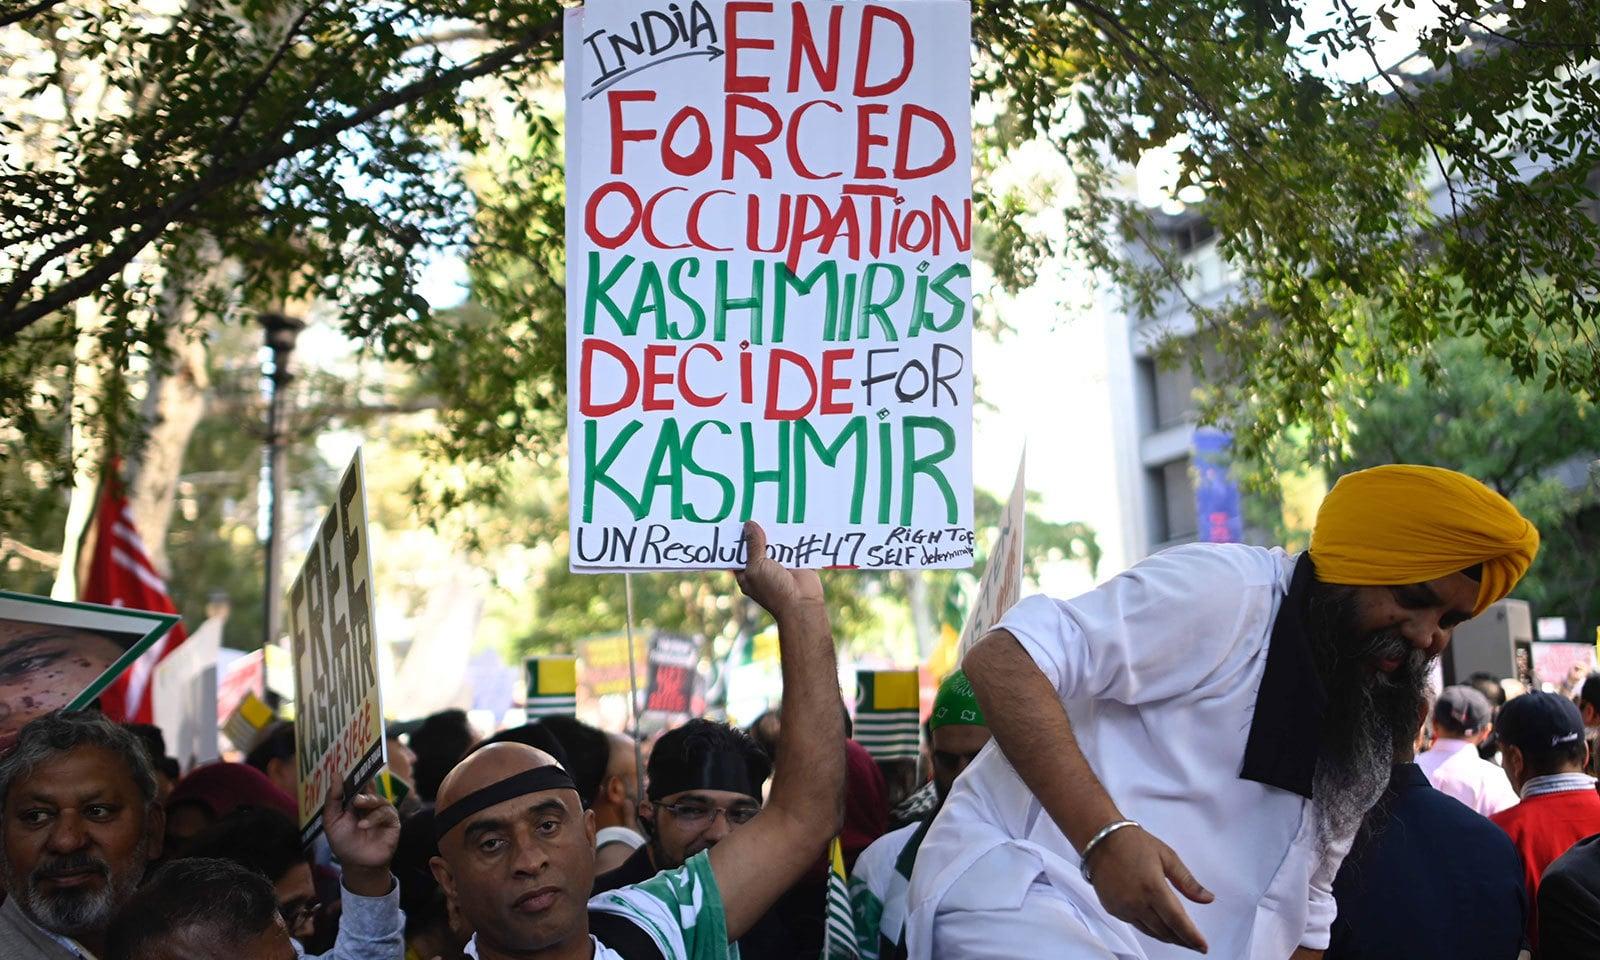 بھارت کے خلاف مظاہرے میں مسلمانوں کے ساتھ ساتھ سکھ برادری کے افراد بھی شامل تھے—فوٹو:اے ایف پی